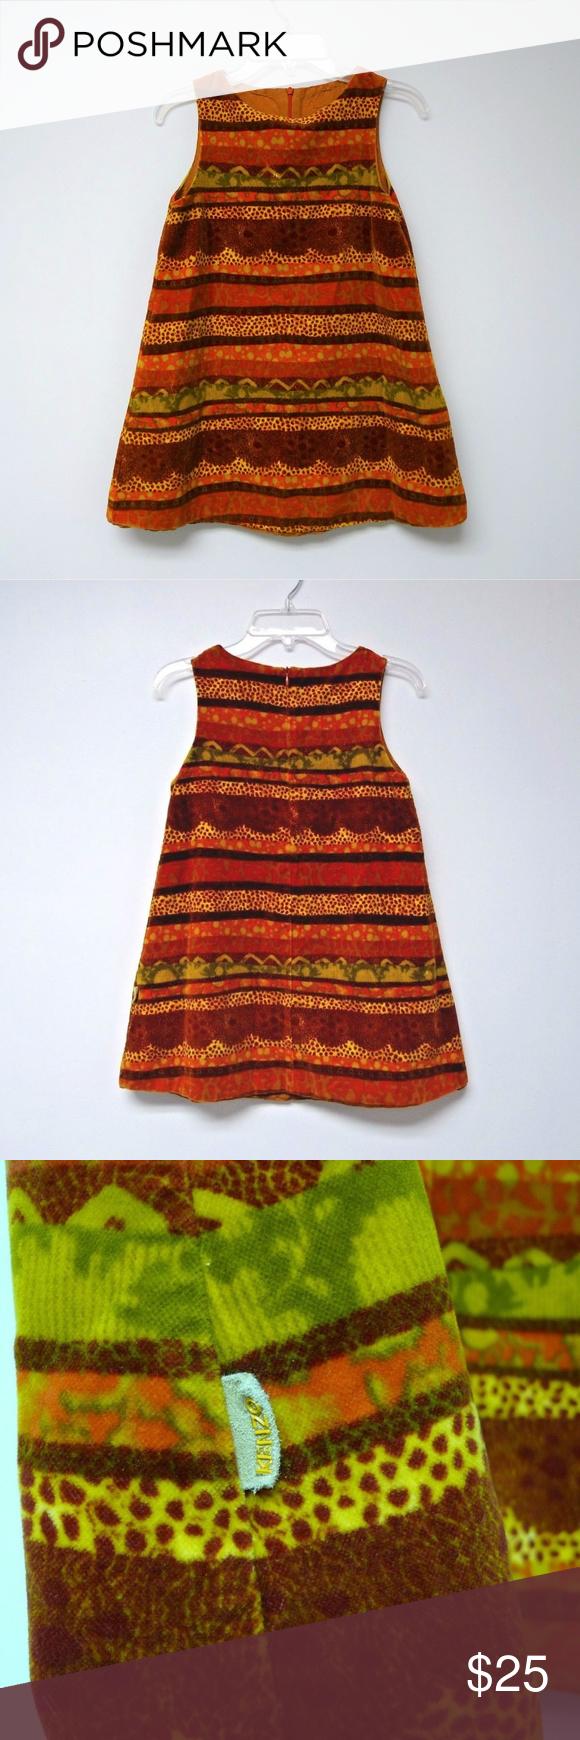 0b4e4561e3c21 Jungle printed colorful velvet C.W.F (Children Worldwide Fashion) zipper  back care